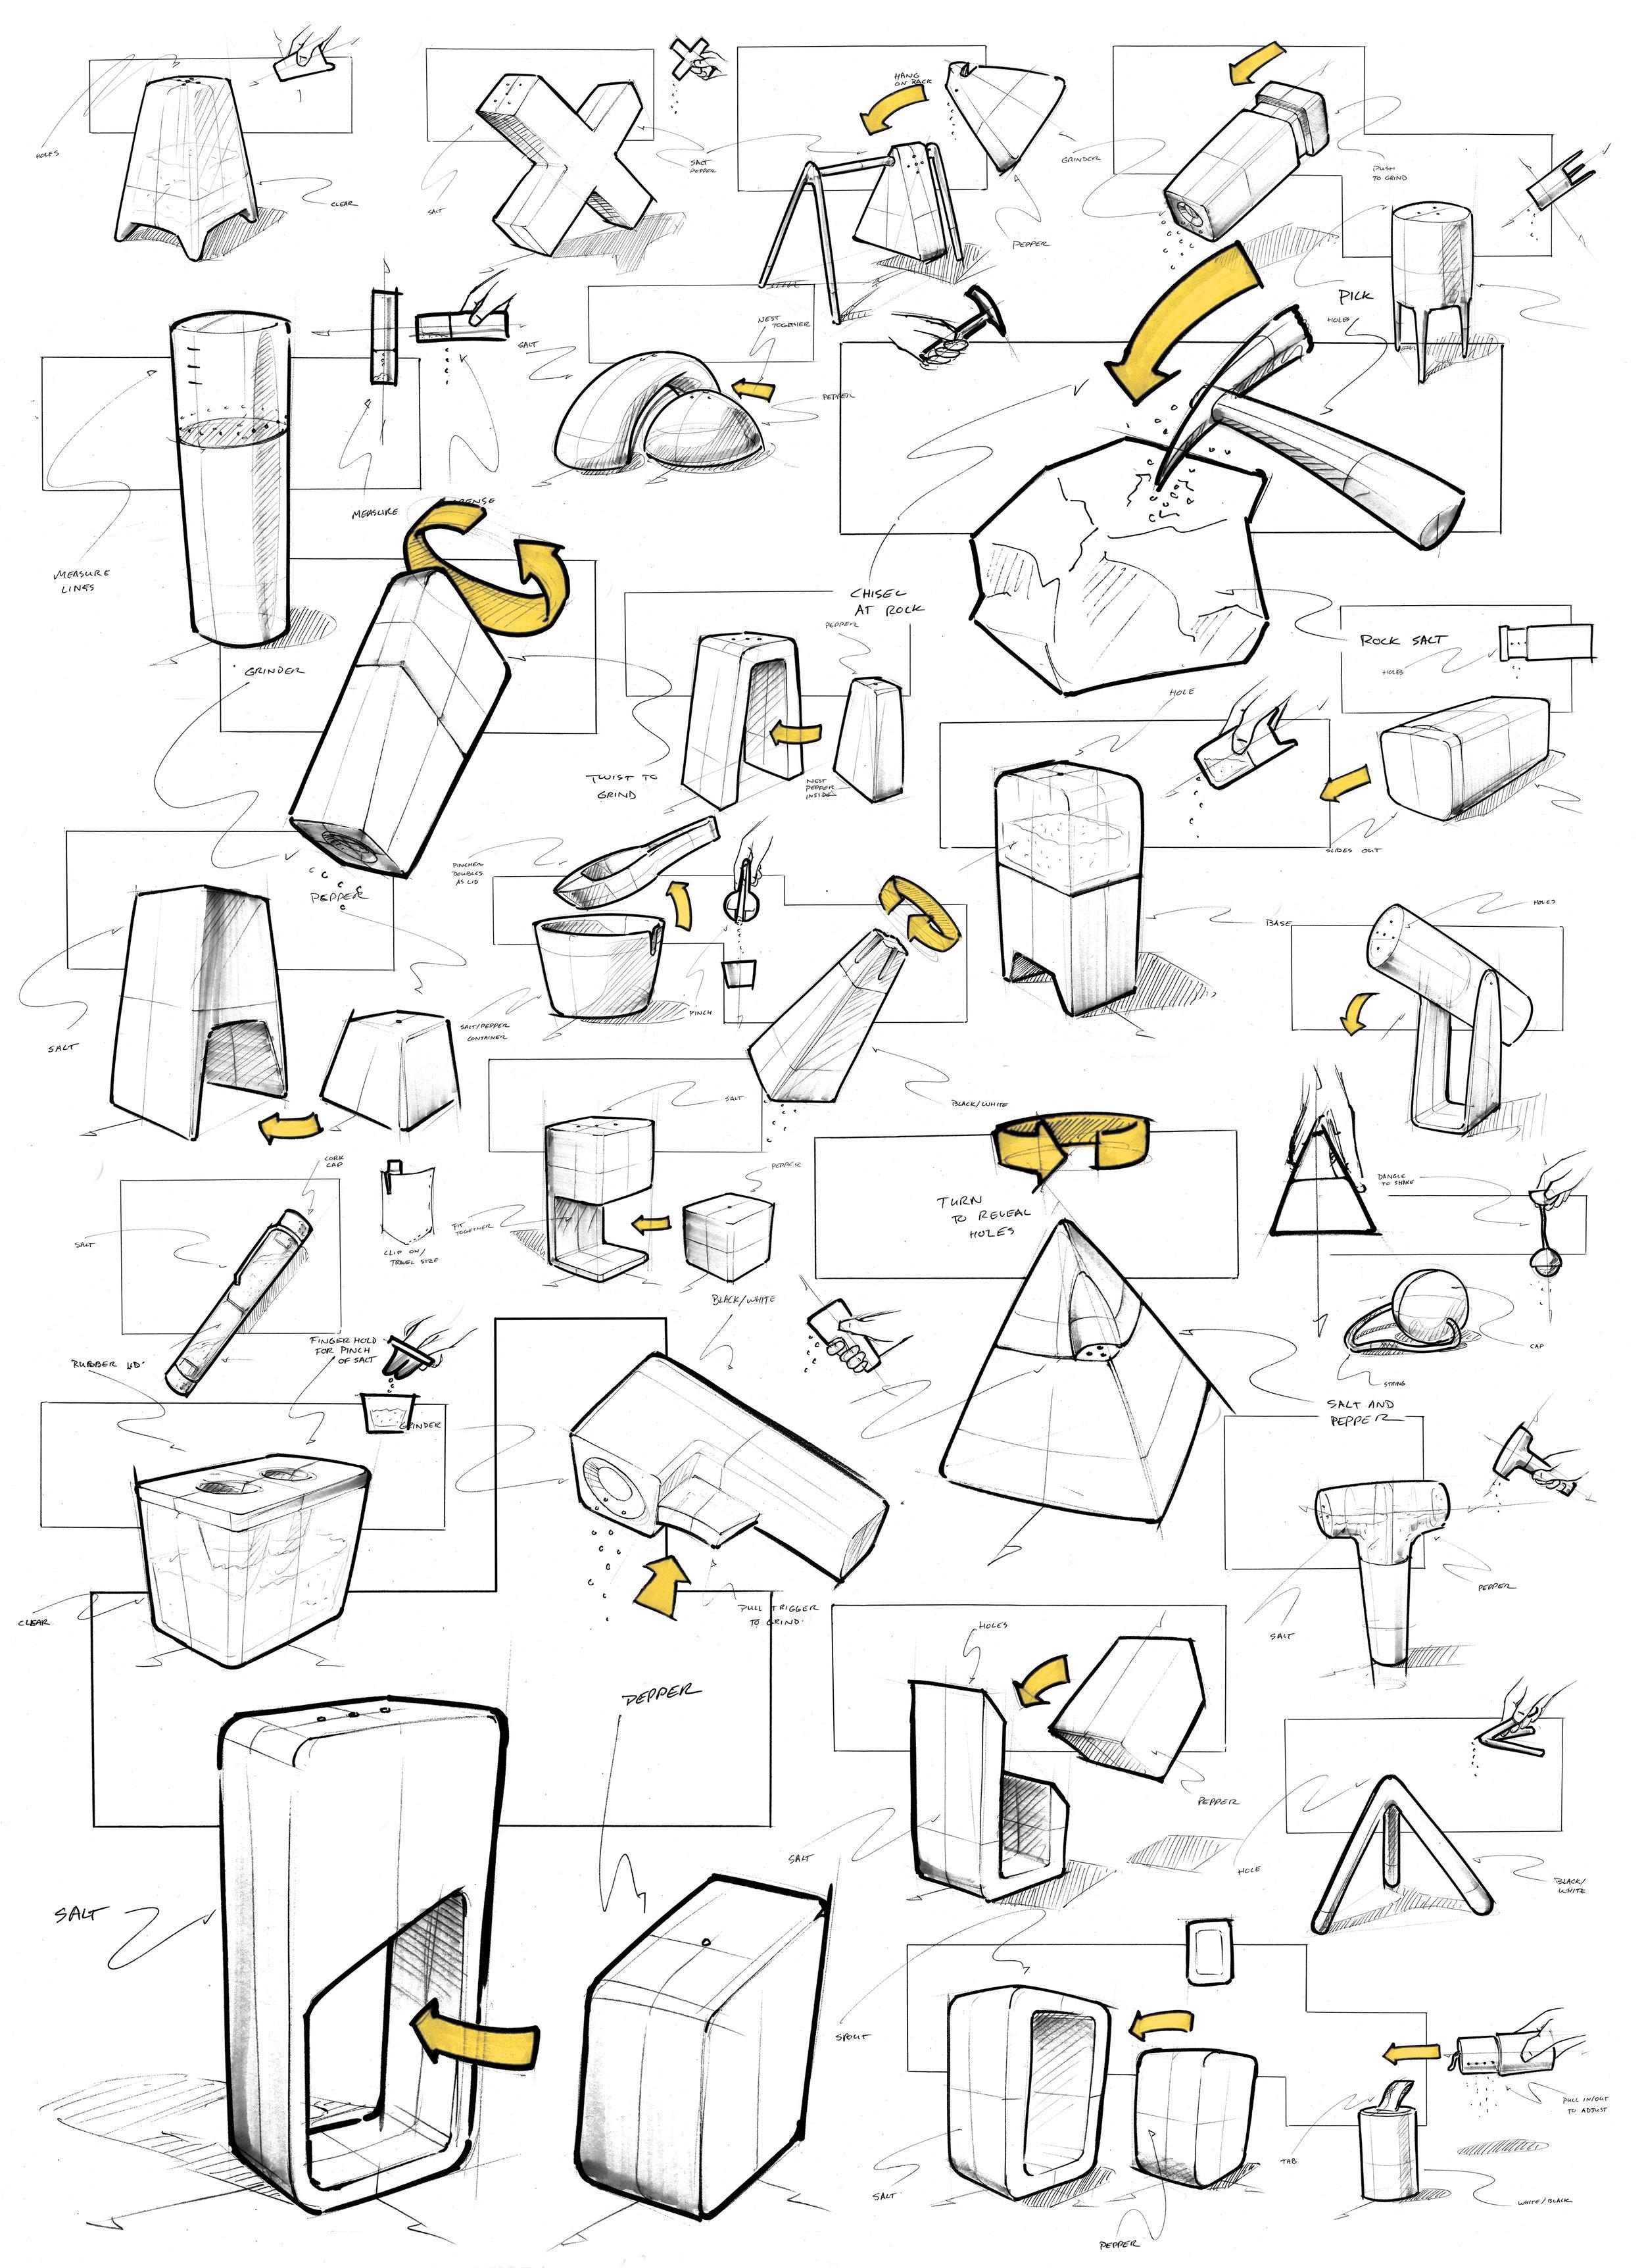 salt-plus-pepper-sketches-nicholas-baker